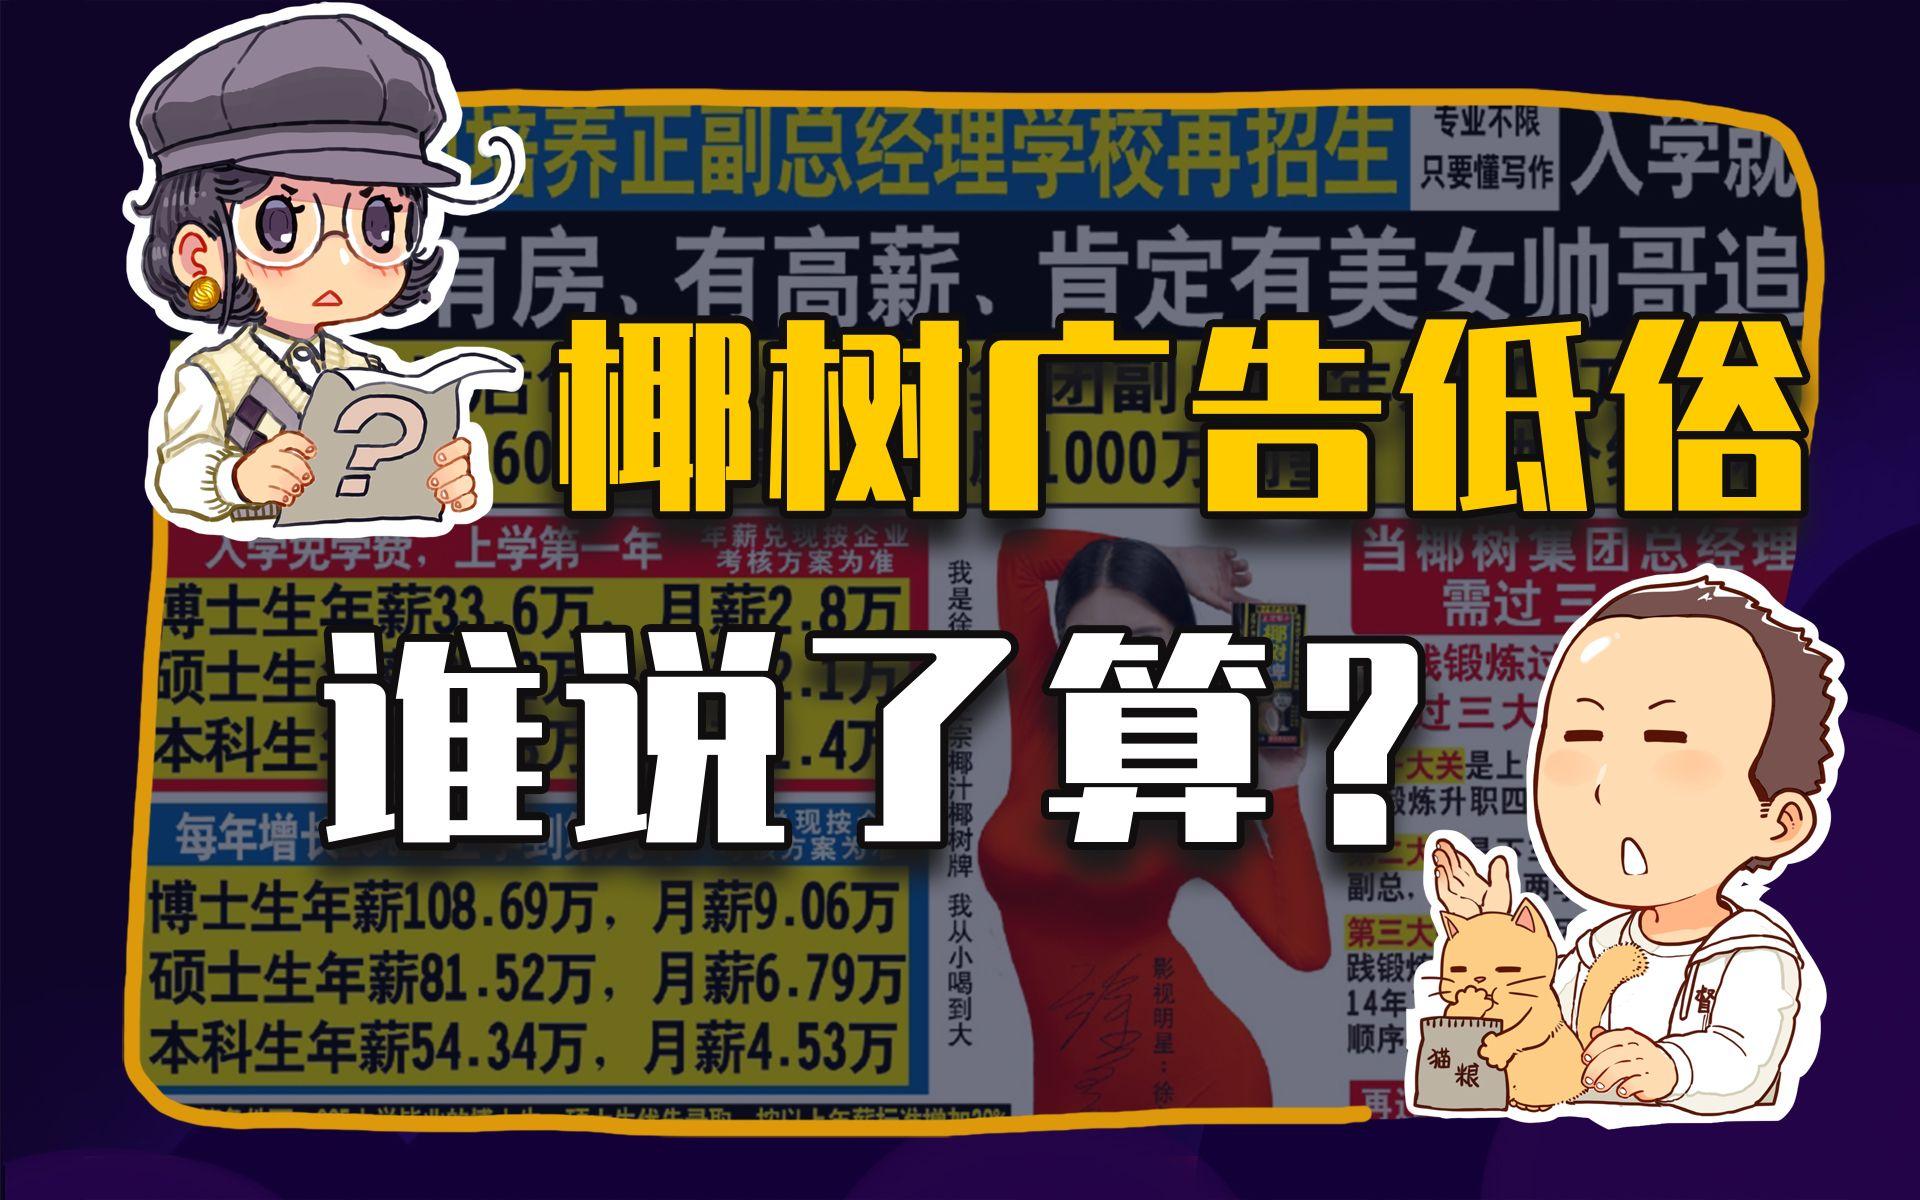 """【睡前消息259】椰树集团广告有争议, 也许需要""""人民陪审团"""""""